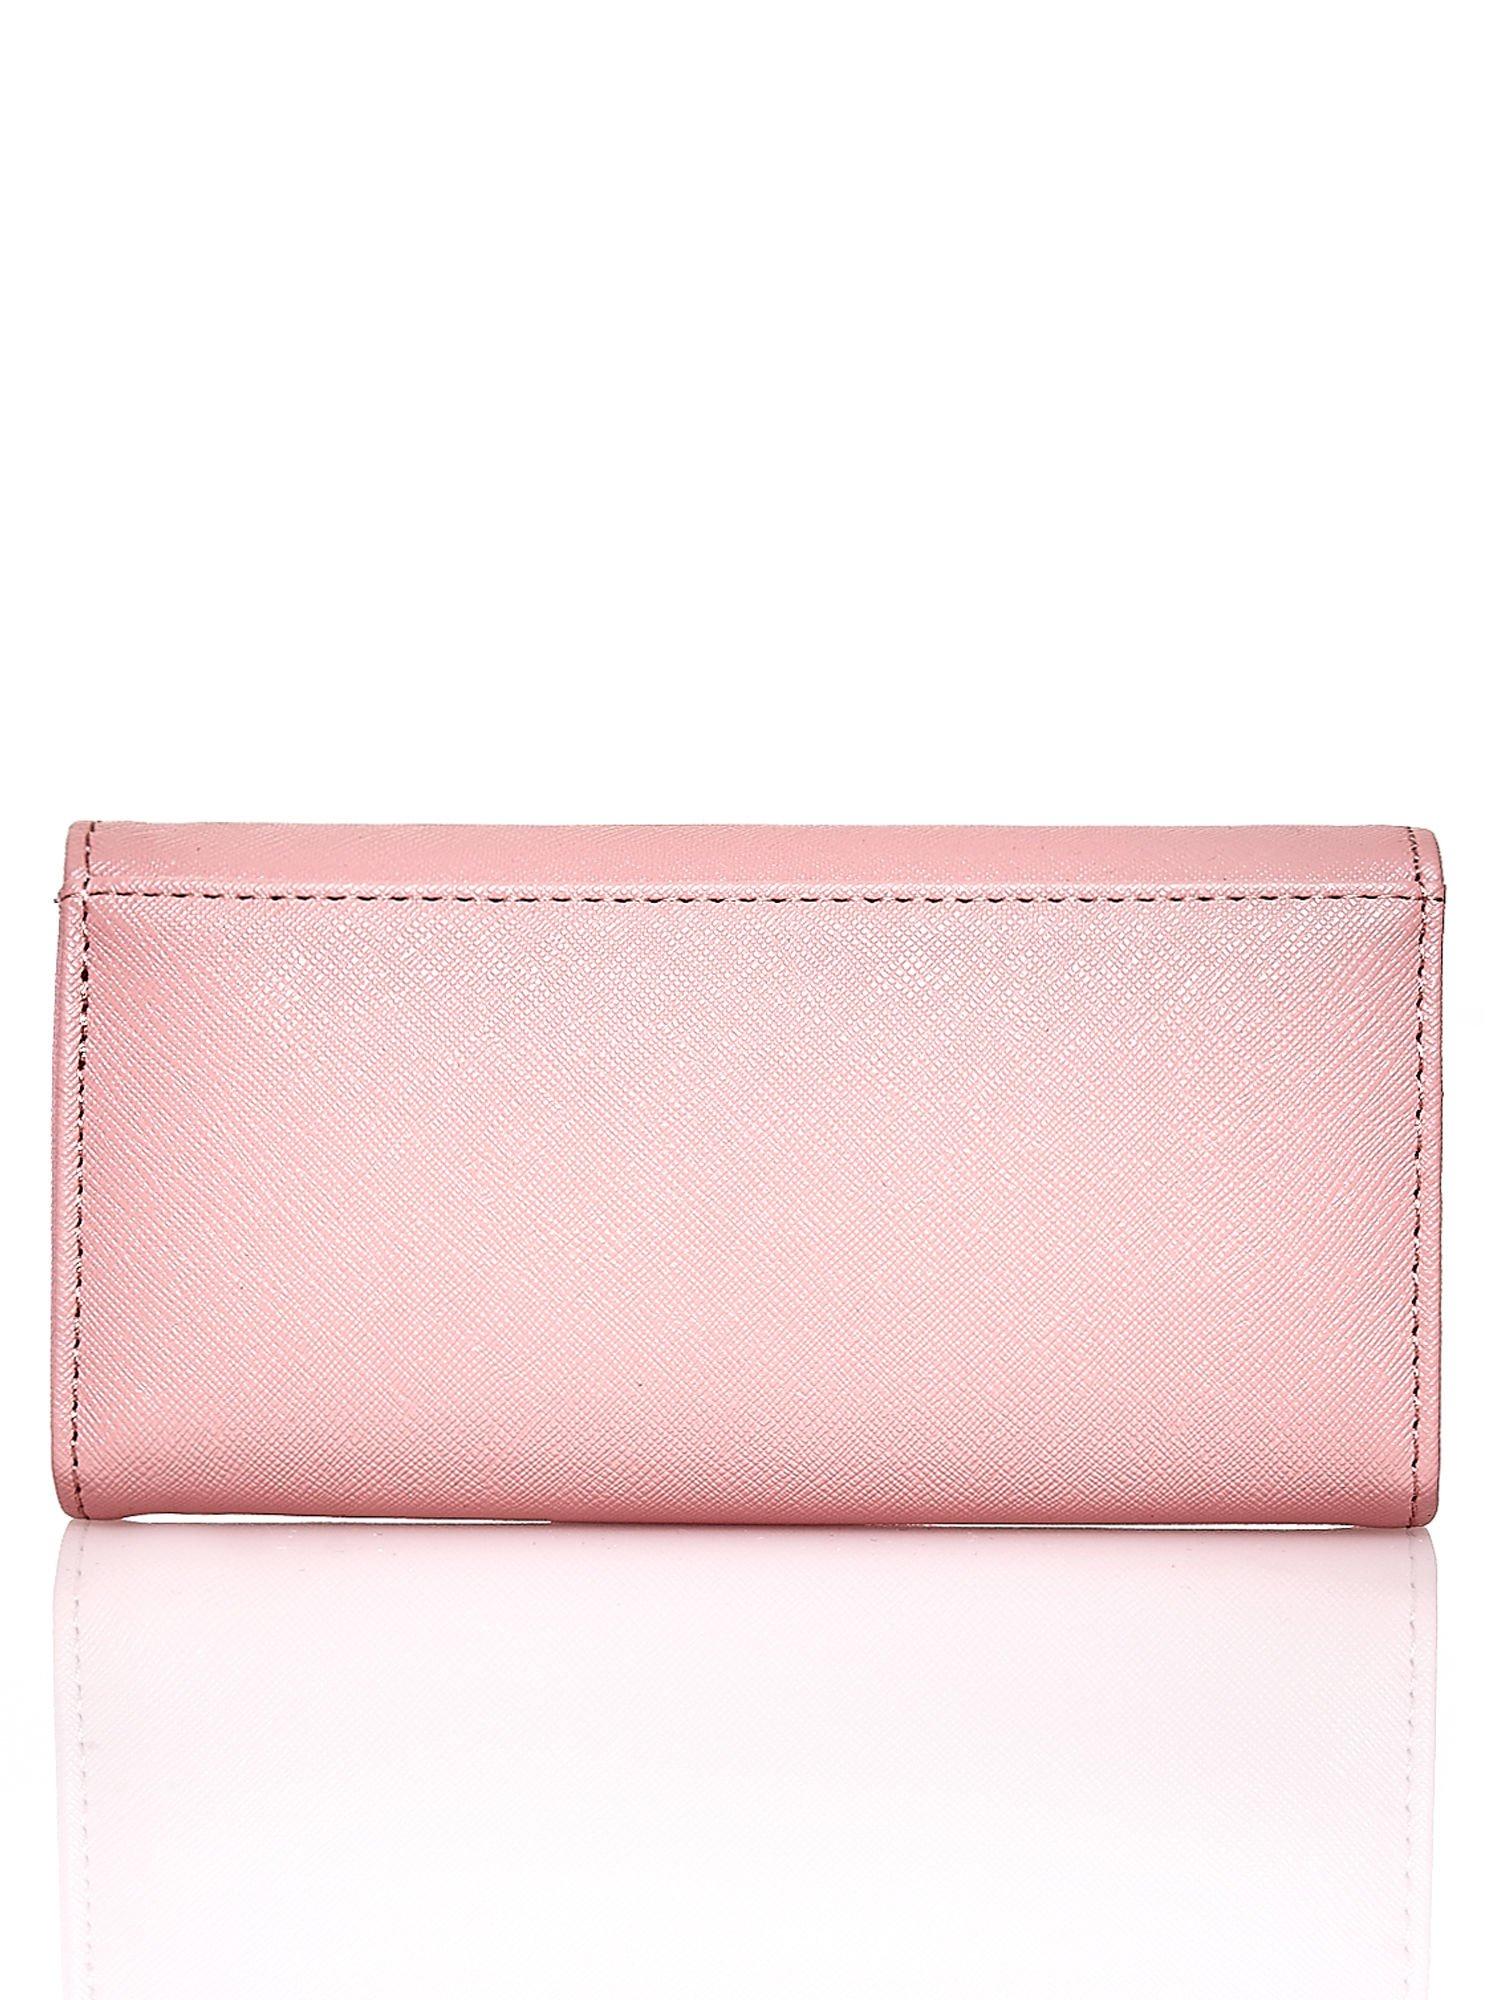 Różowy portfel z beżowym wykończeniem                                  zdj.                                  2